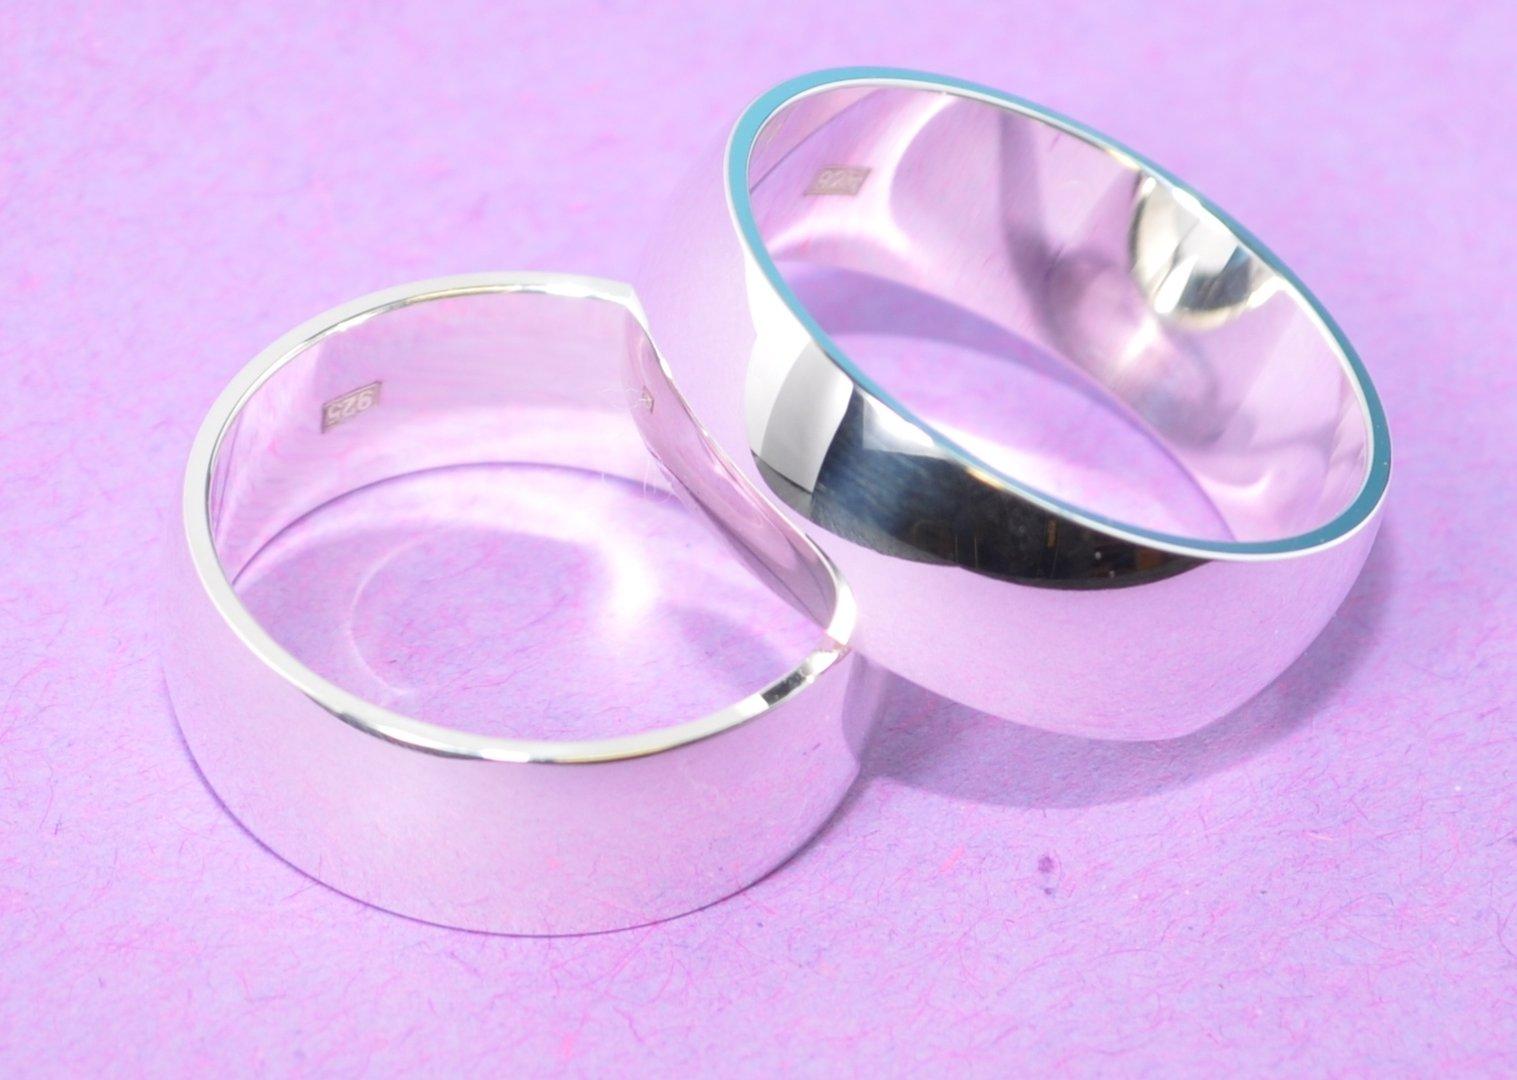 ... Silber Trauringe Eheringe Hochzeitsringe Verlobungsringe - 7 mm Breit